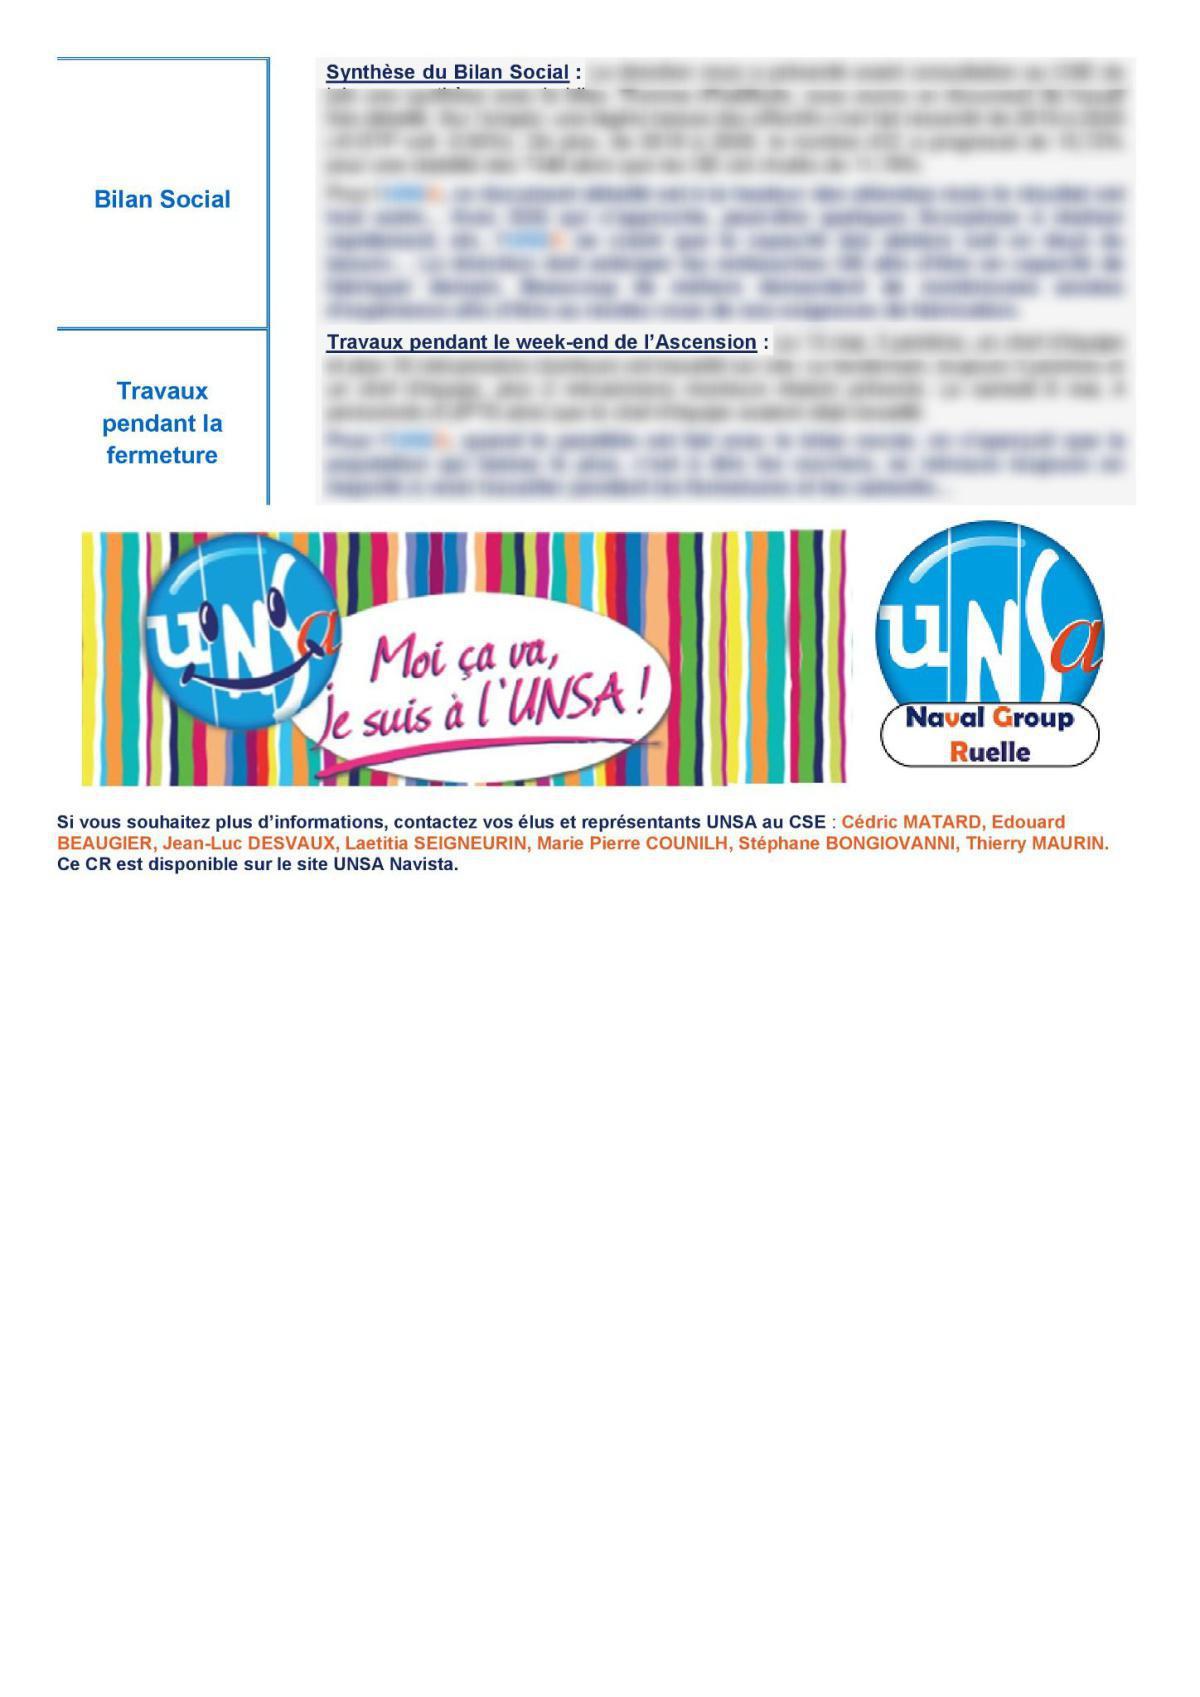 CSE de Ruelle - Réunion du 11 mai 2021 - Compte rendu